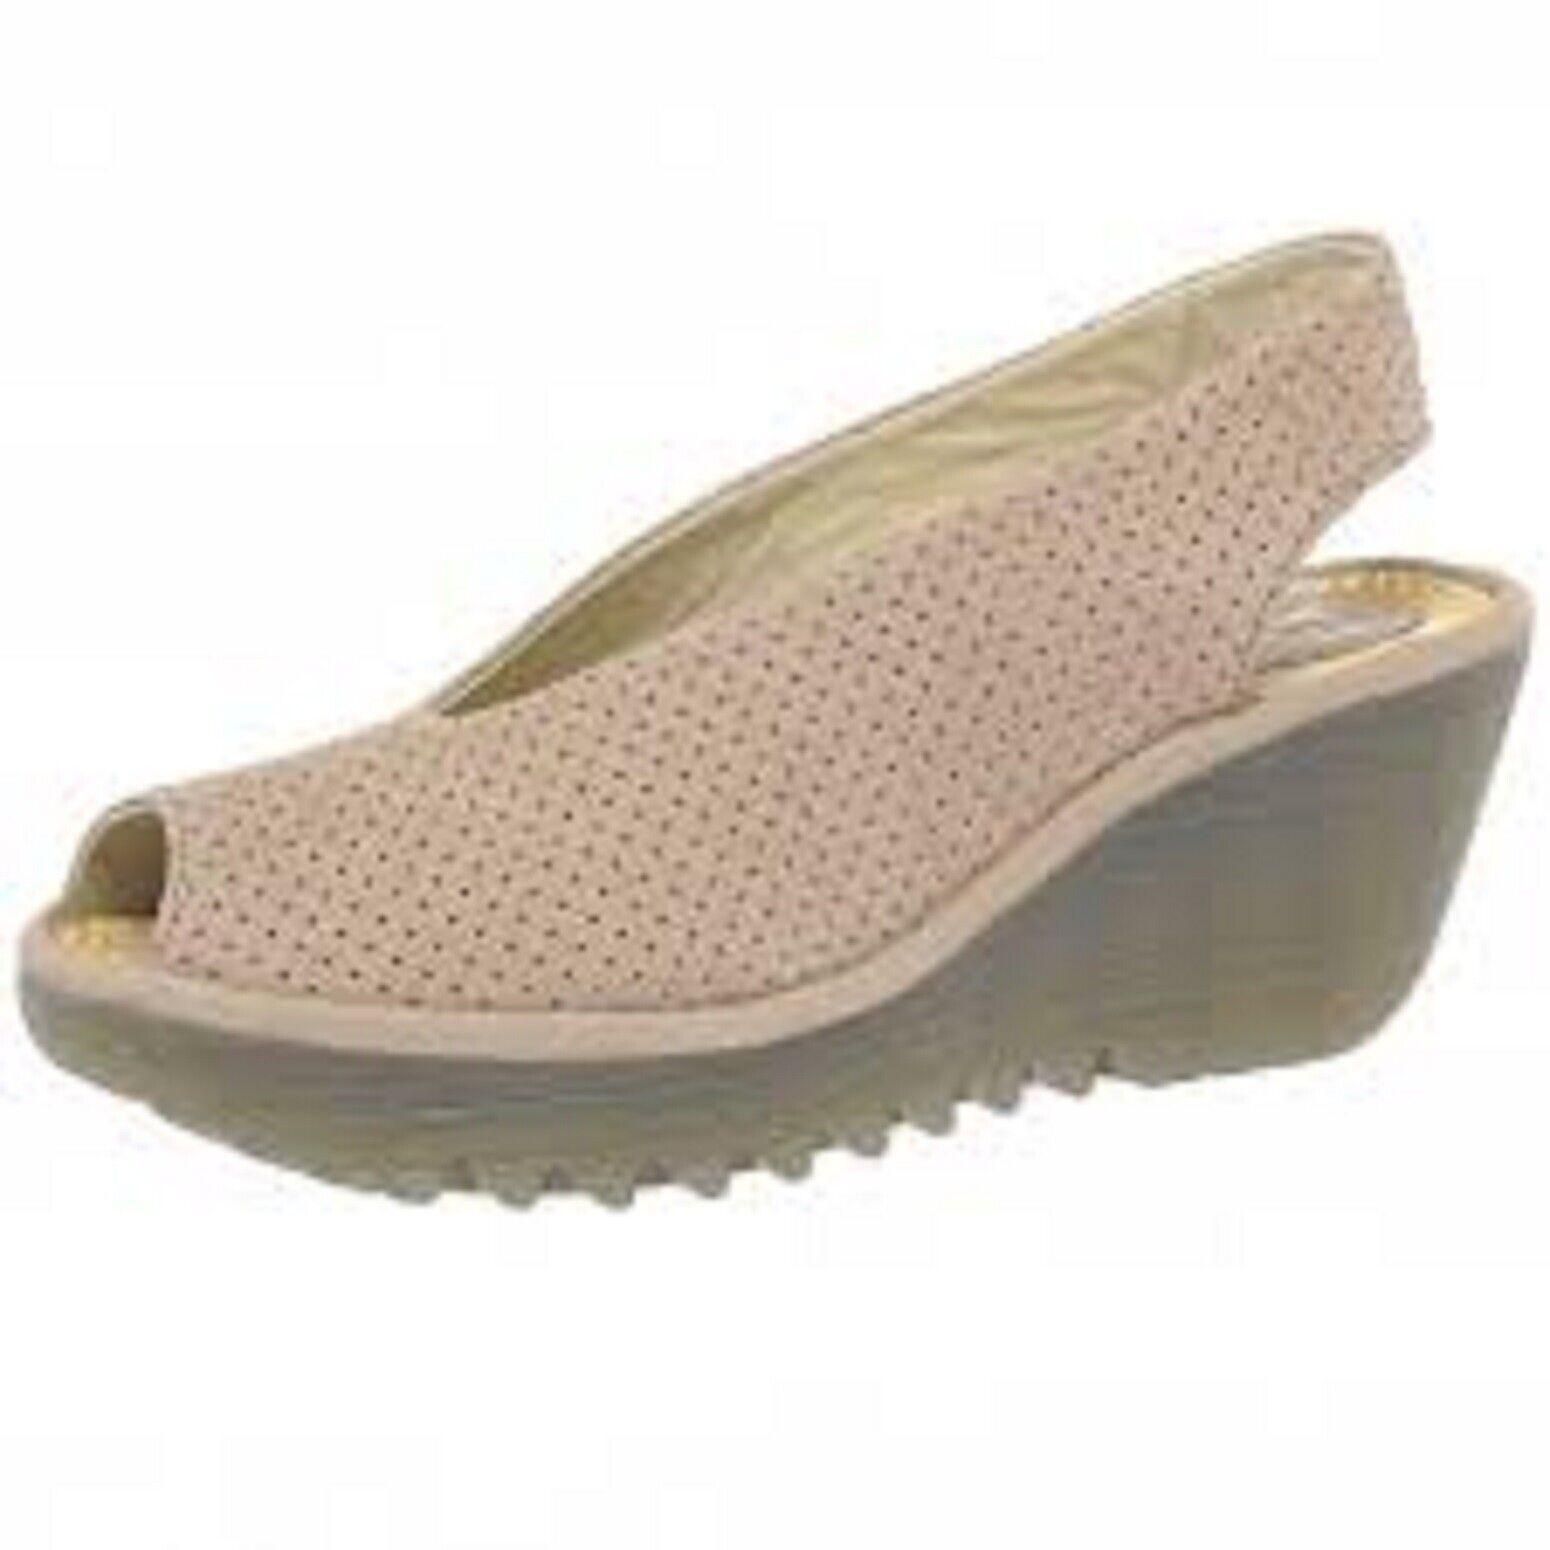 Señoras Sandalia Zapato Zapato Zapato Fly London Yazu 736 de los 2 Colors para Elegir Nuevo Y En Caja 534010